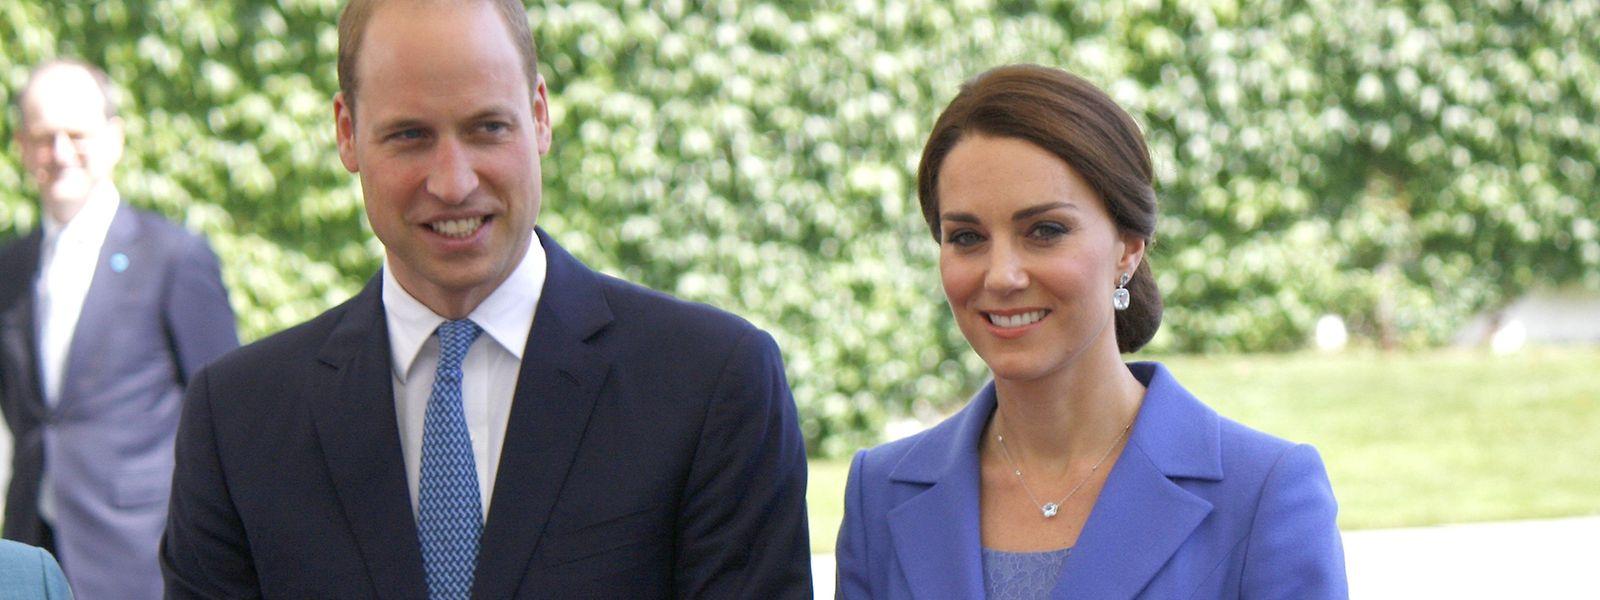 William und Kate sind bereits zweifache Eltern.